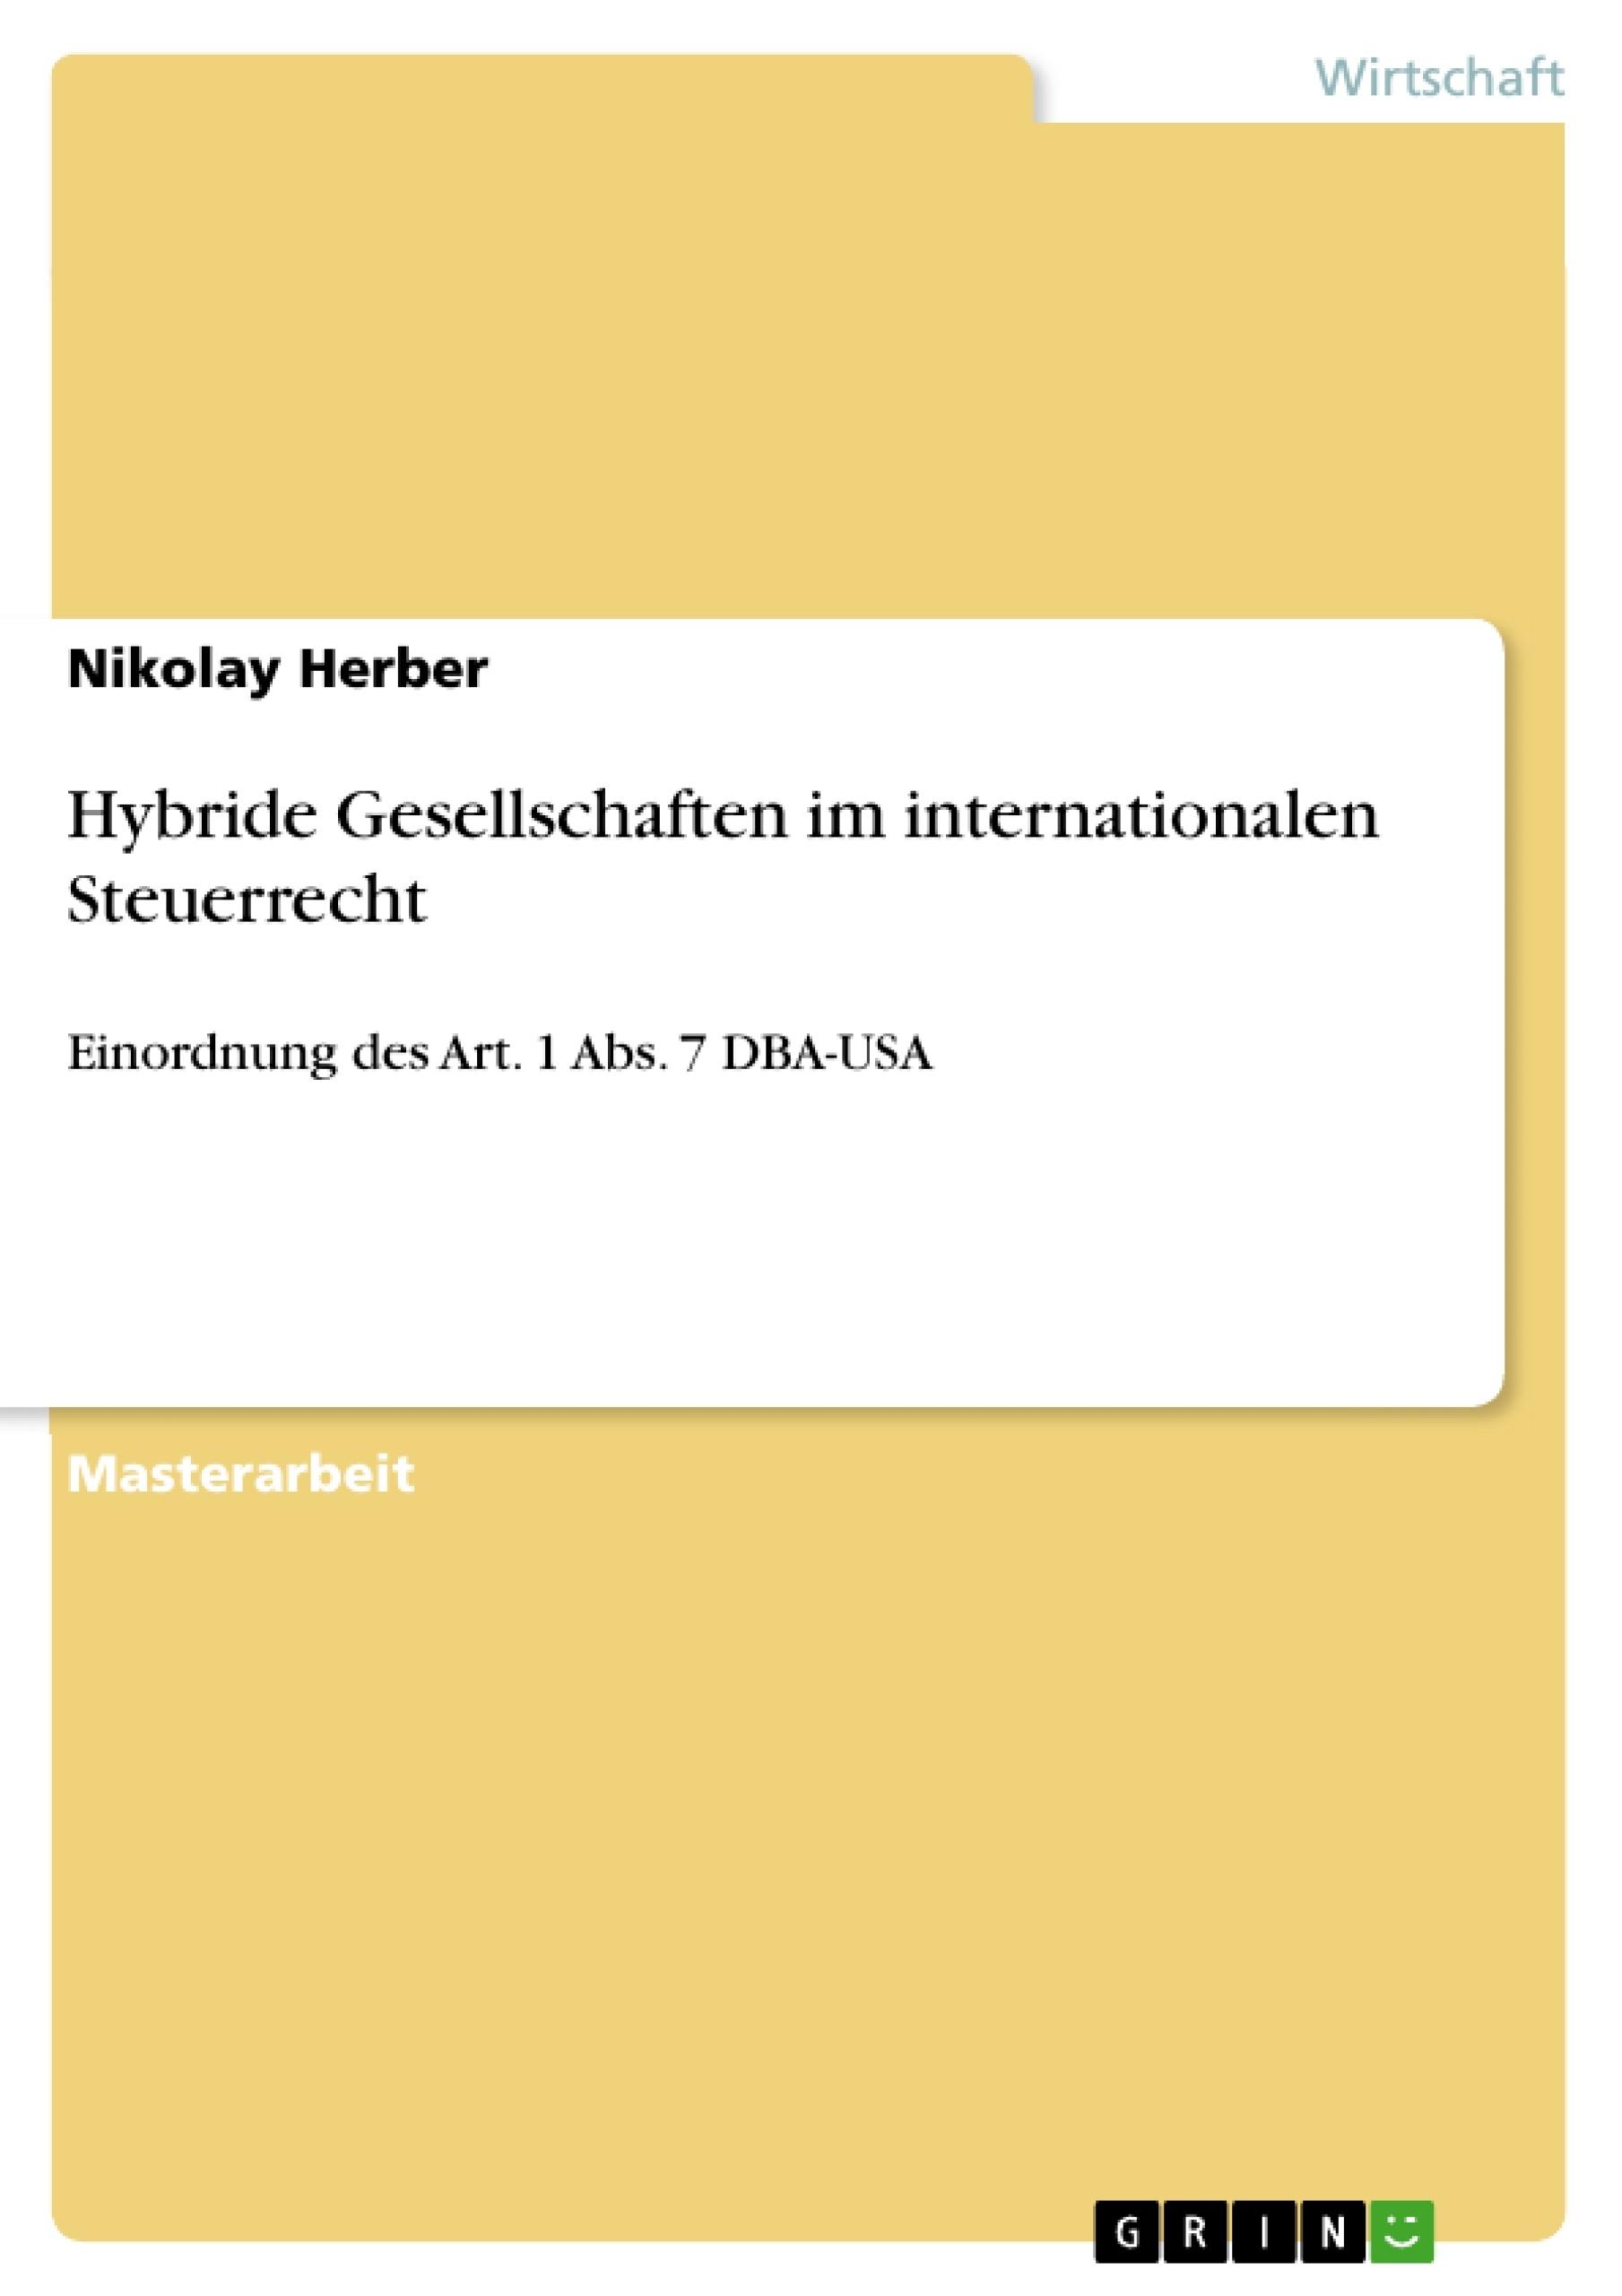 Titel: Hybride Gesellschaften im internationalen Steuerrecht